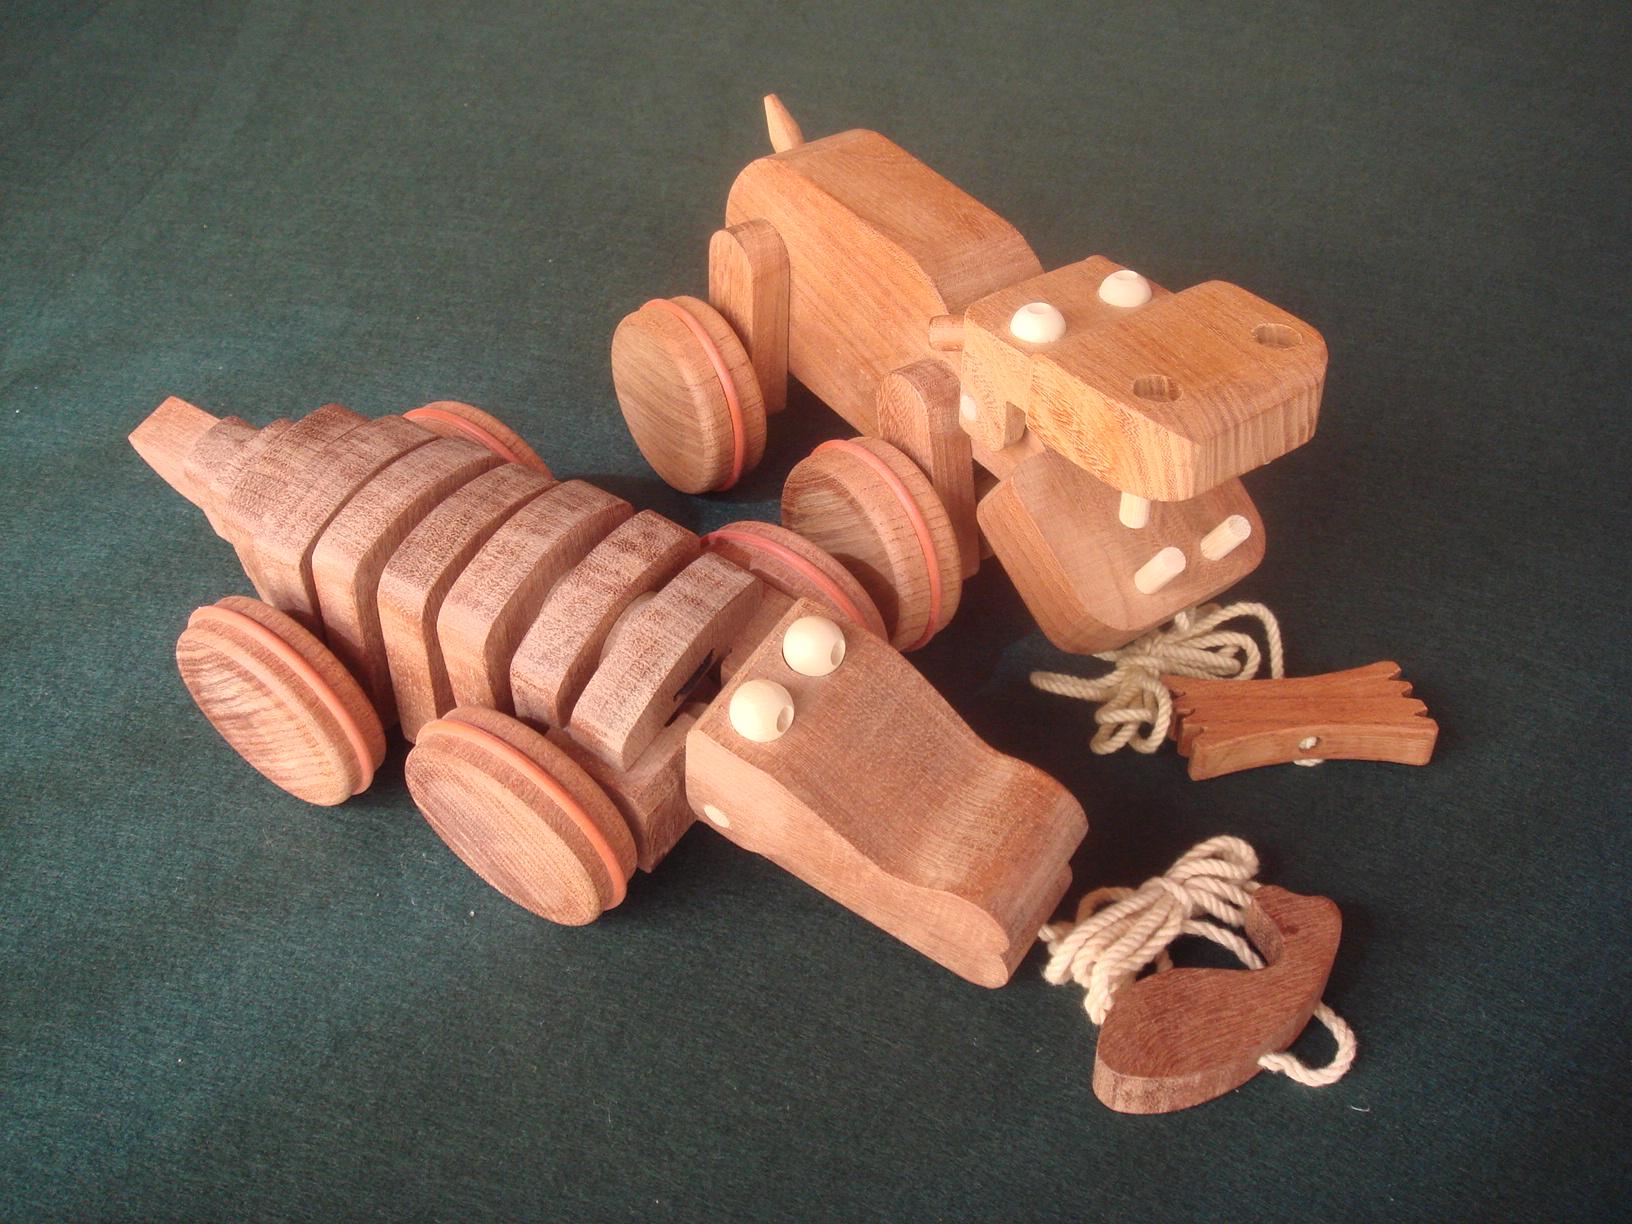 手作りプルトイのイメージ